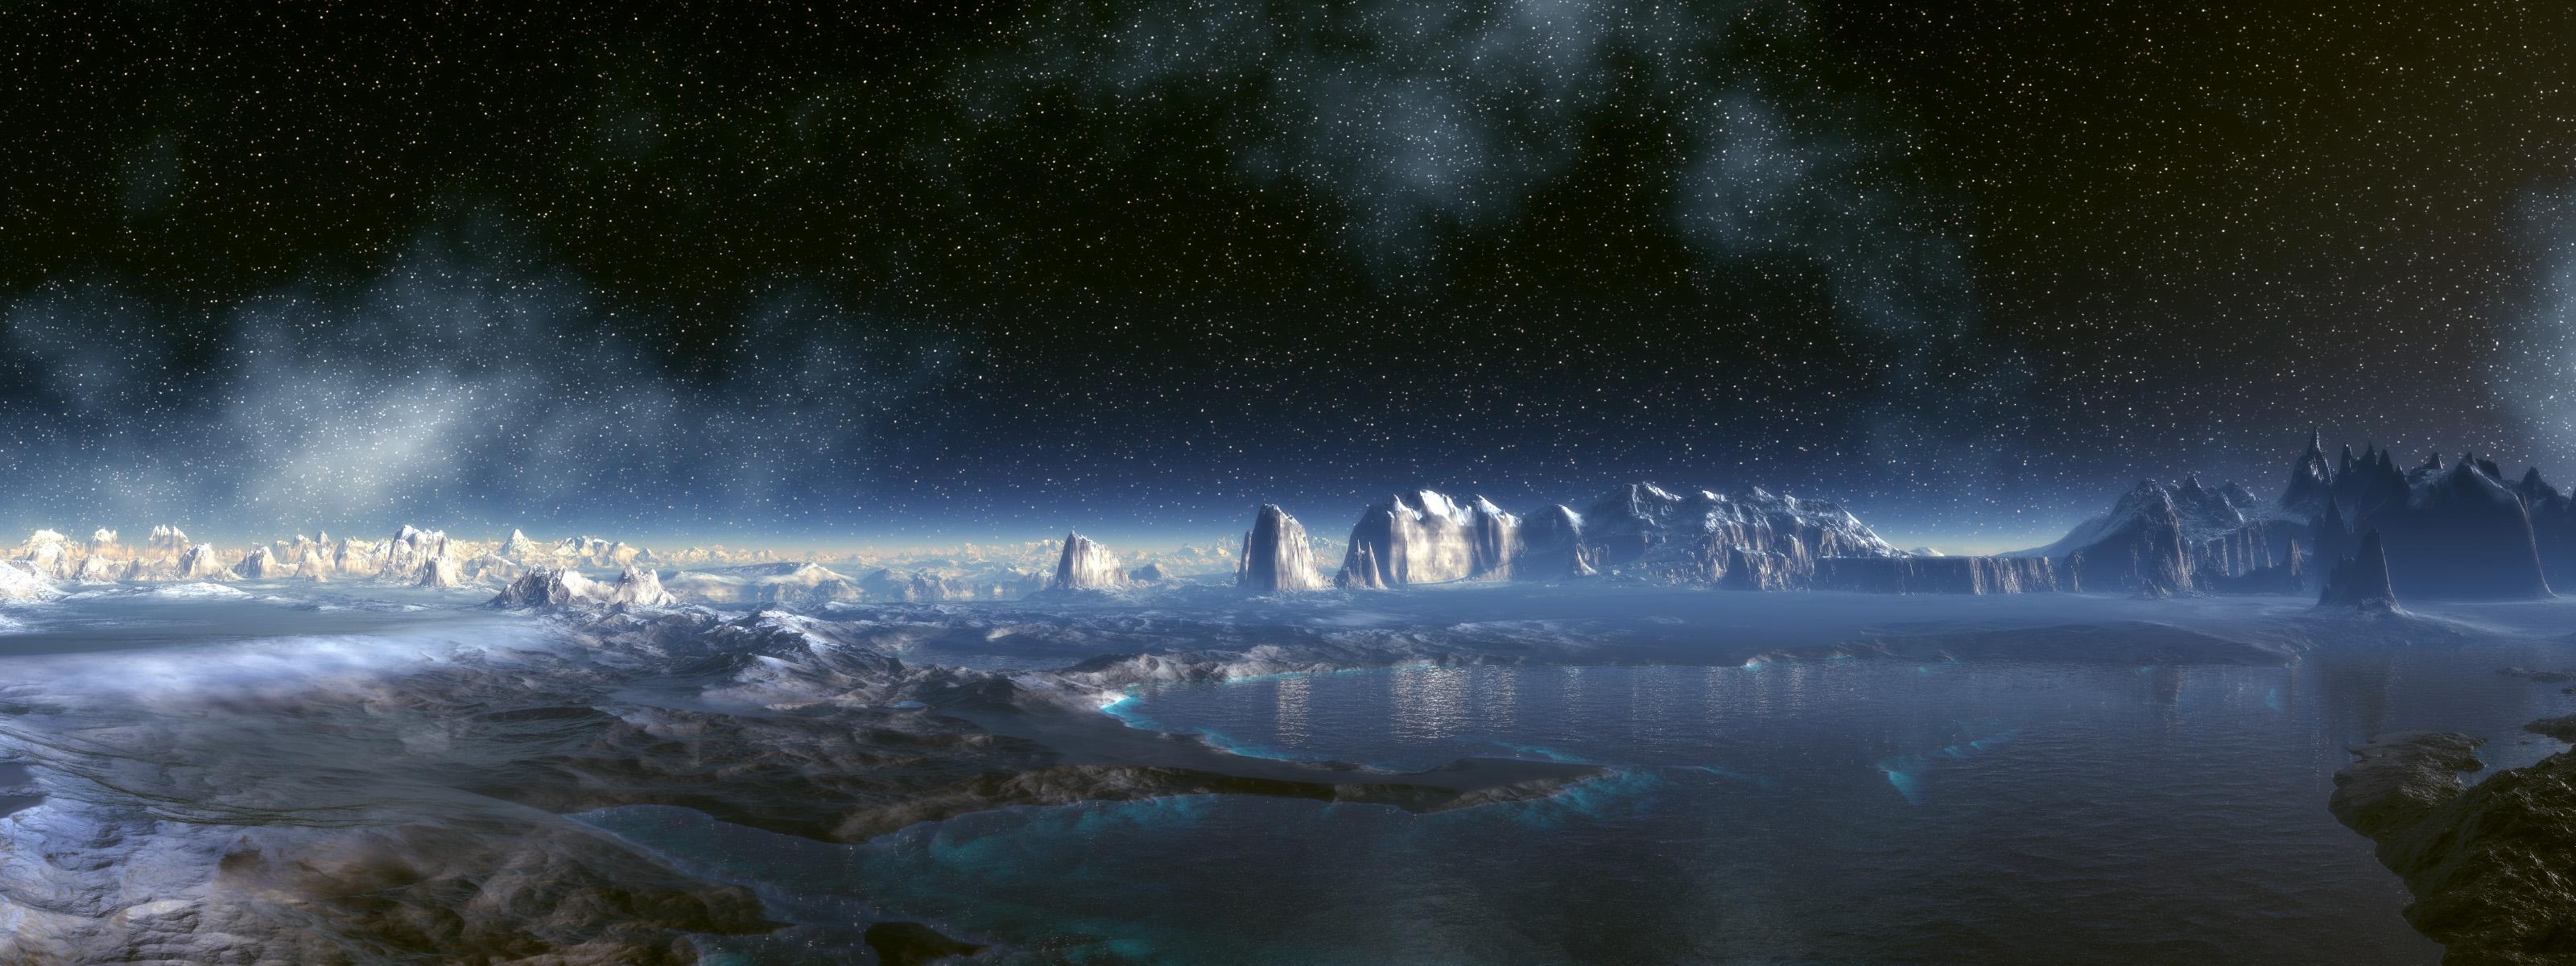 multi monitor dual screen landscapes planets sci fi